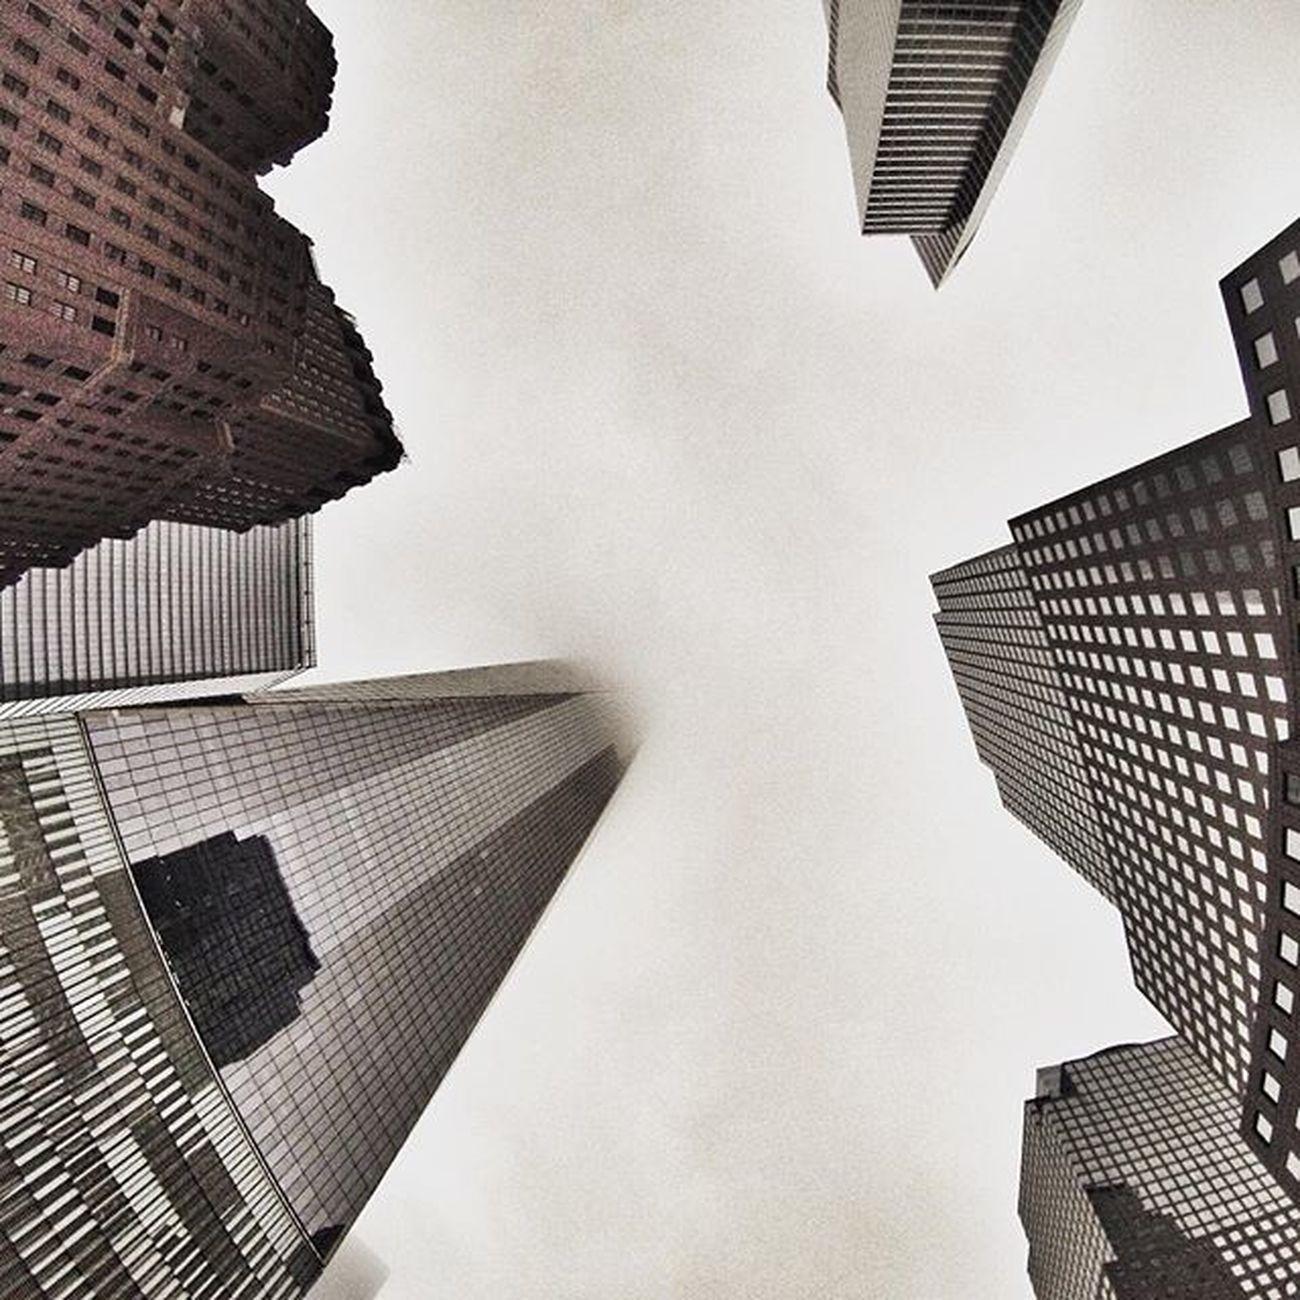 GoodbyeNYC Nycbuildings NYC Goproshot